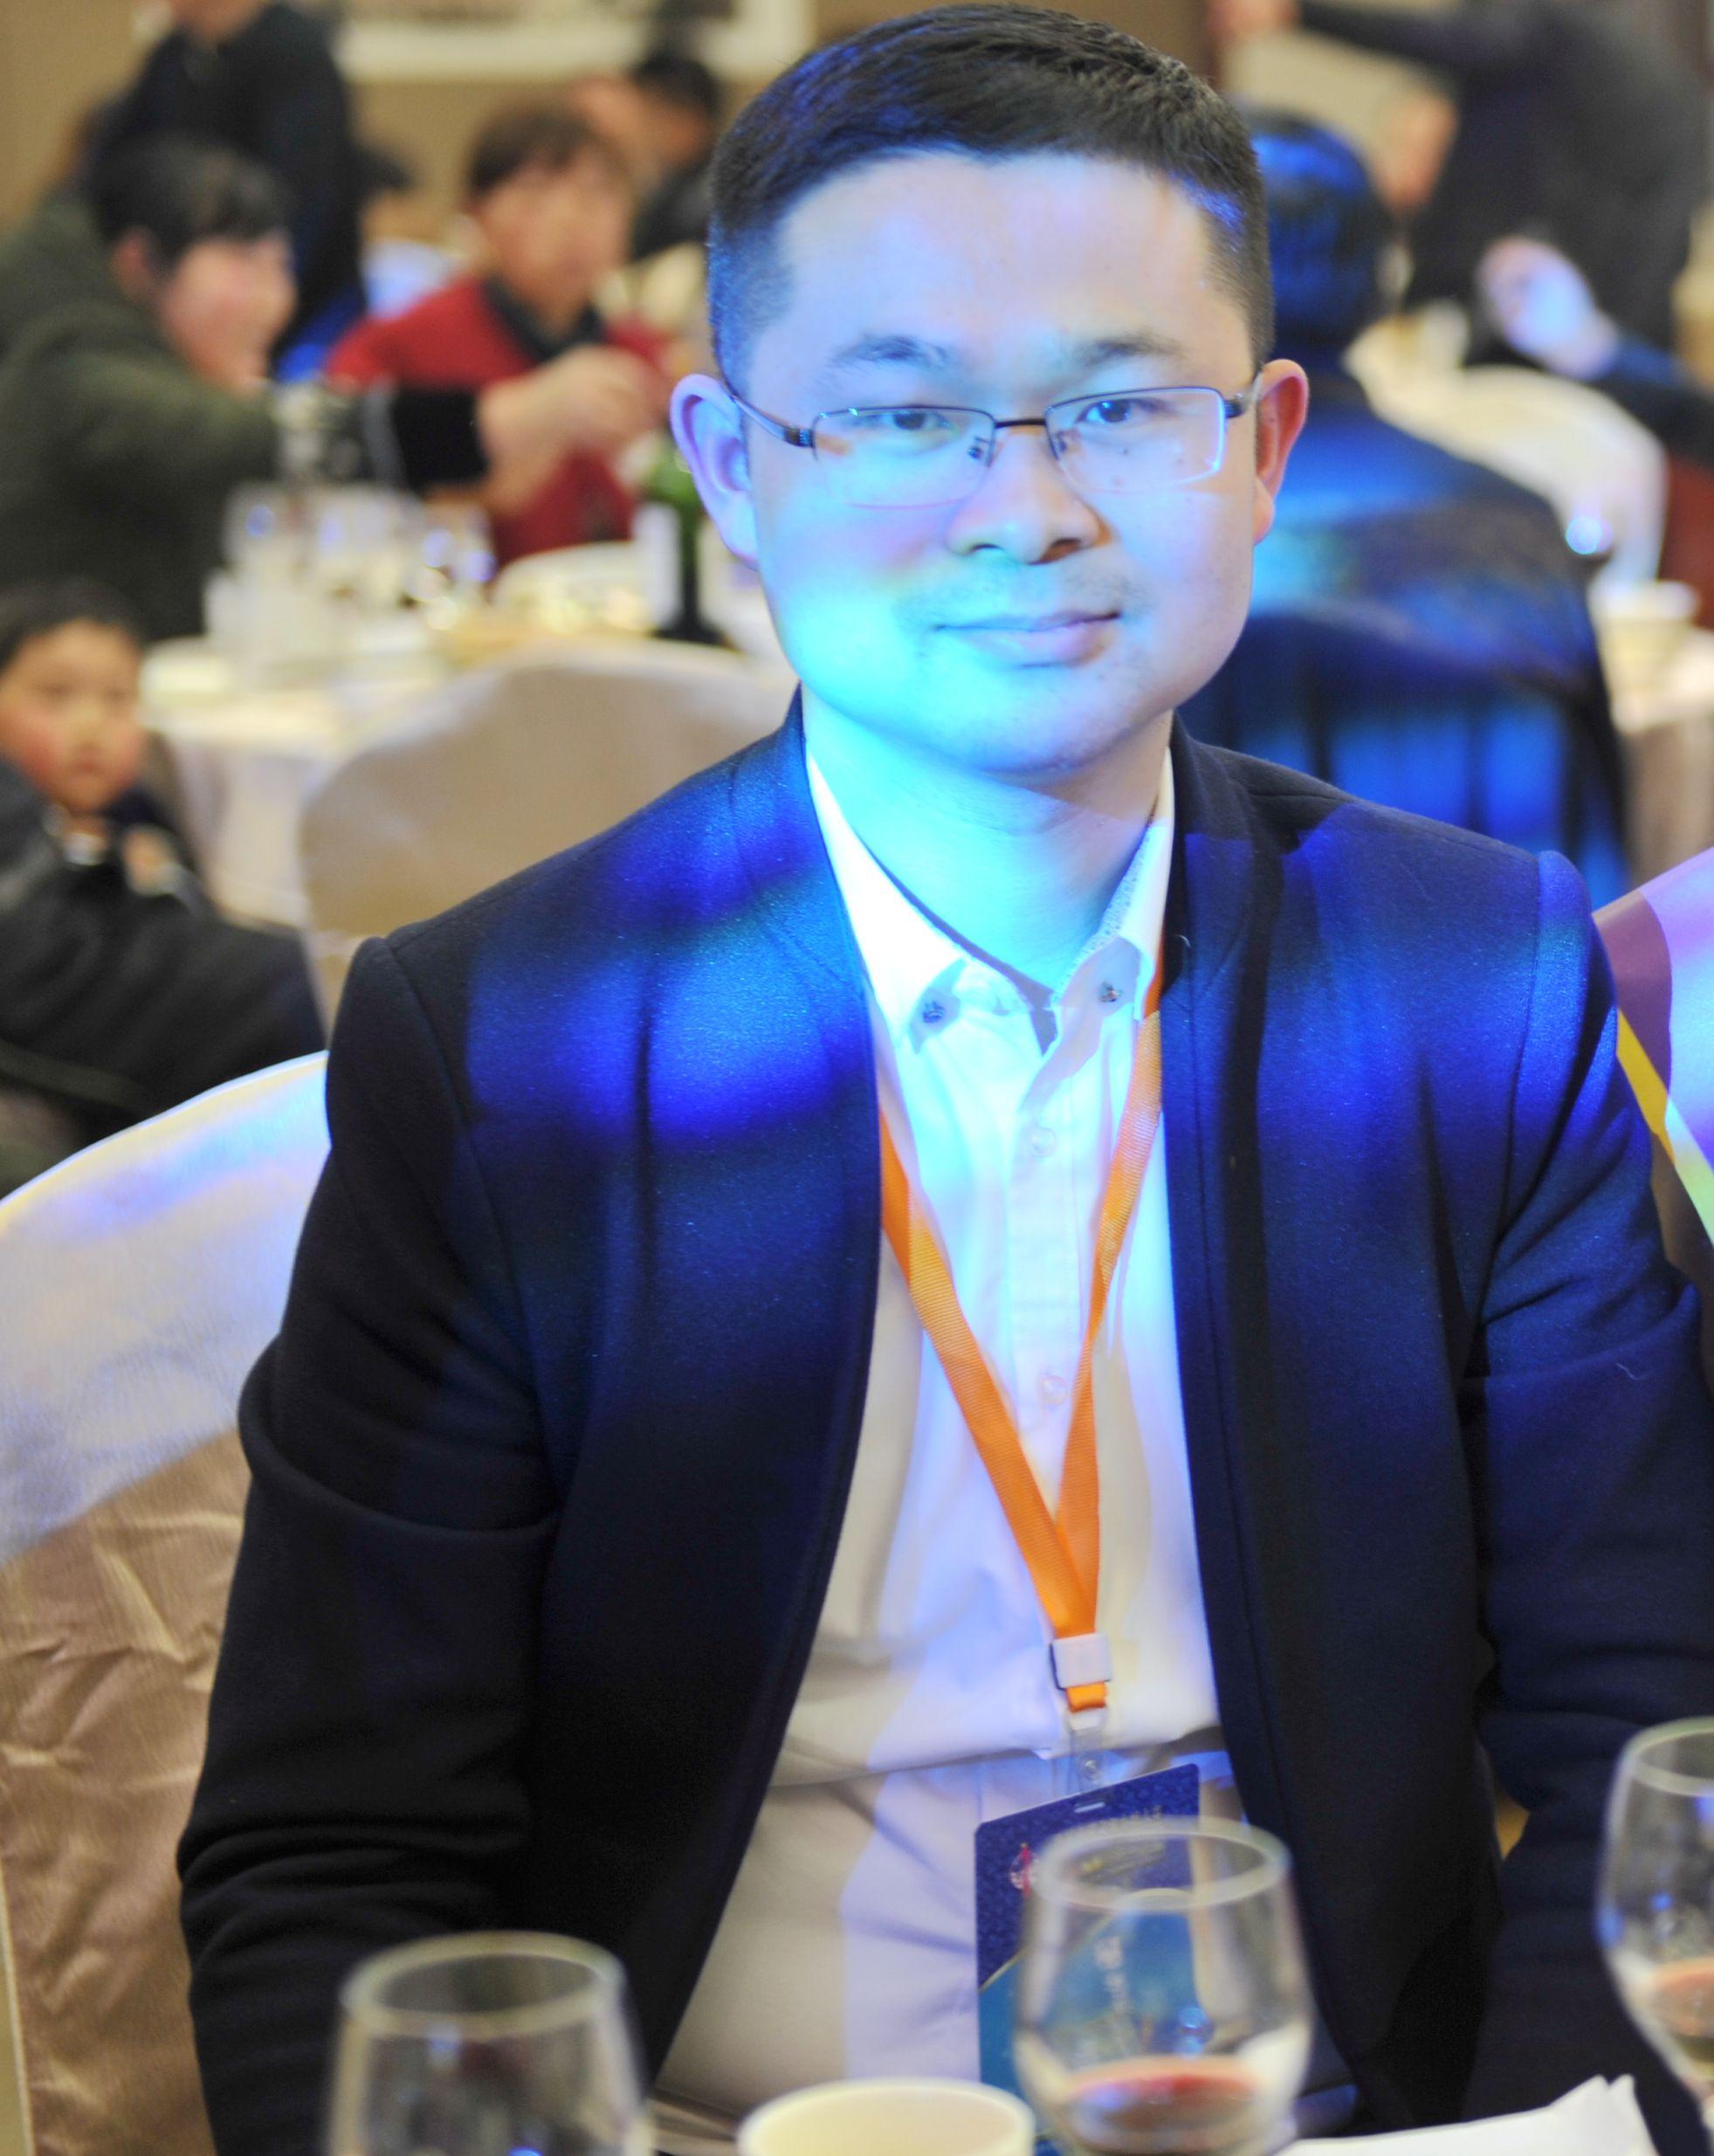 李云鹏 长沙模特协会<span></span><span></span>常务副会长